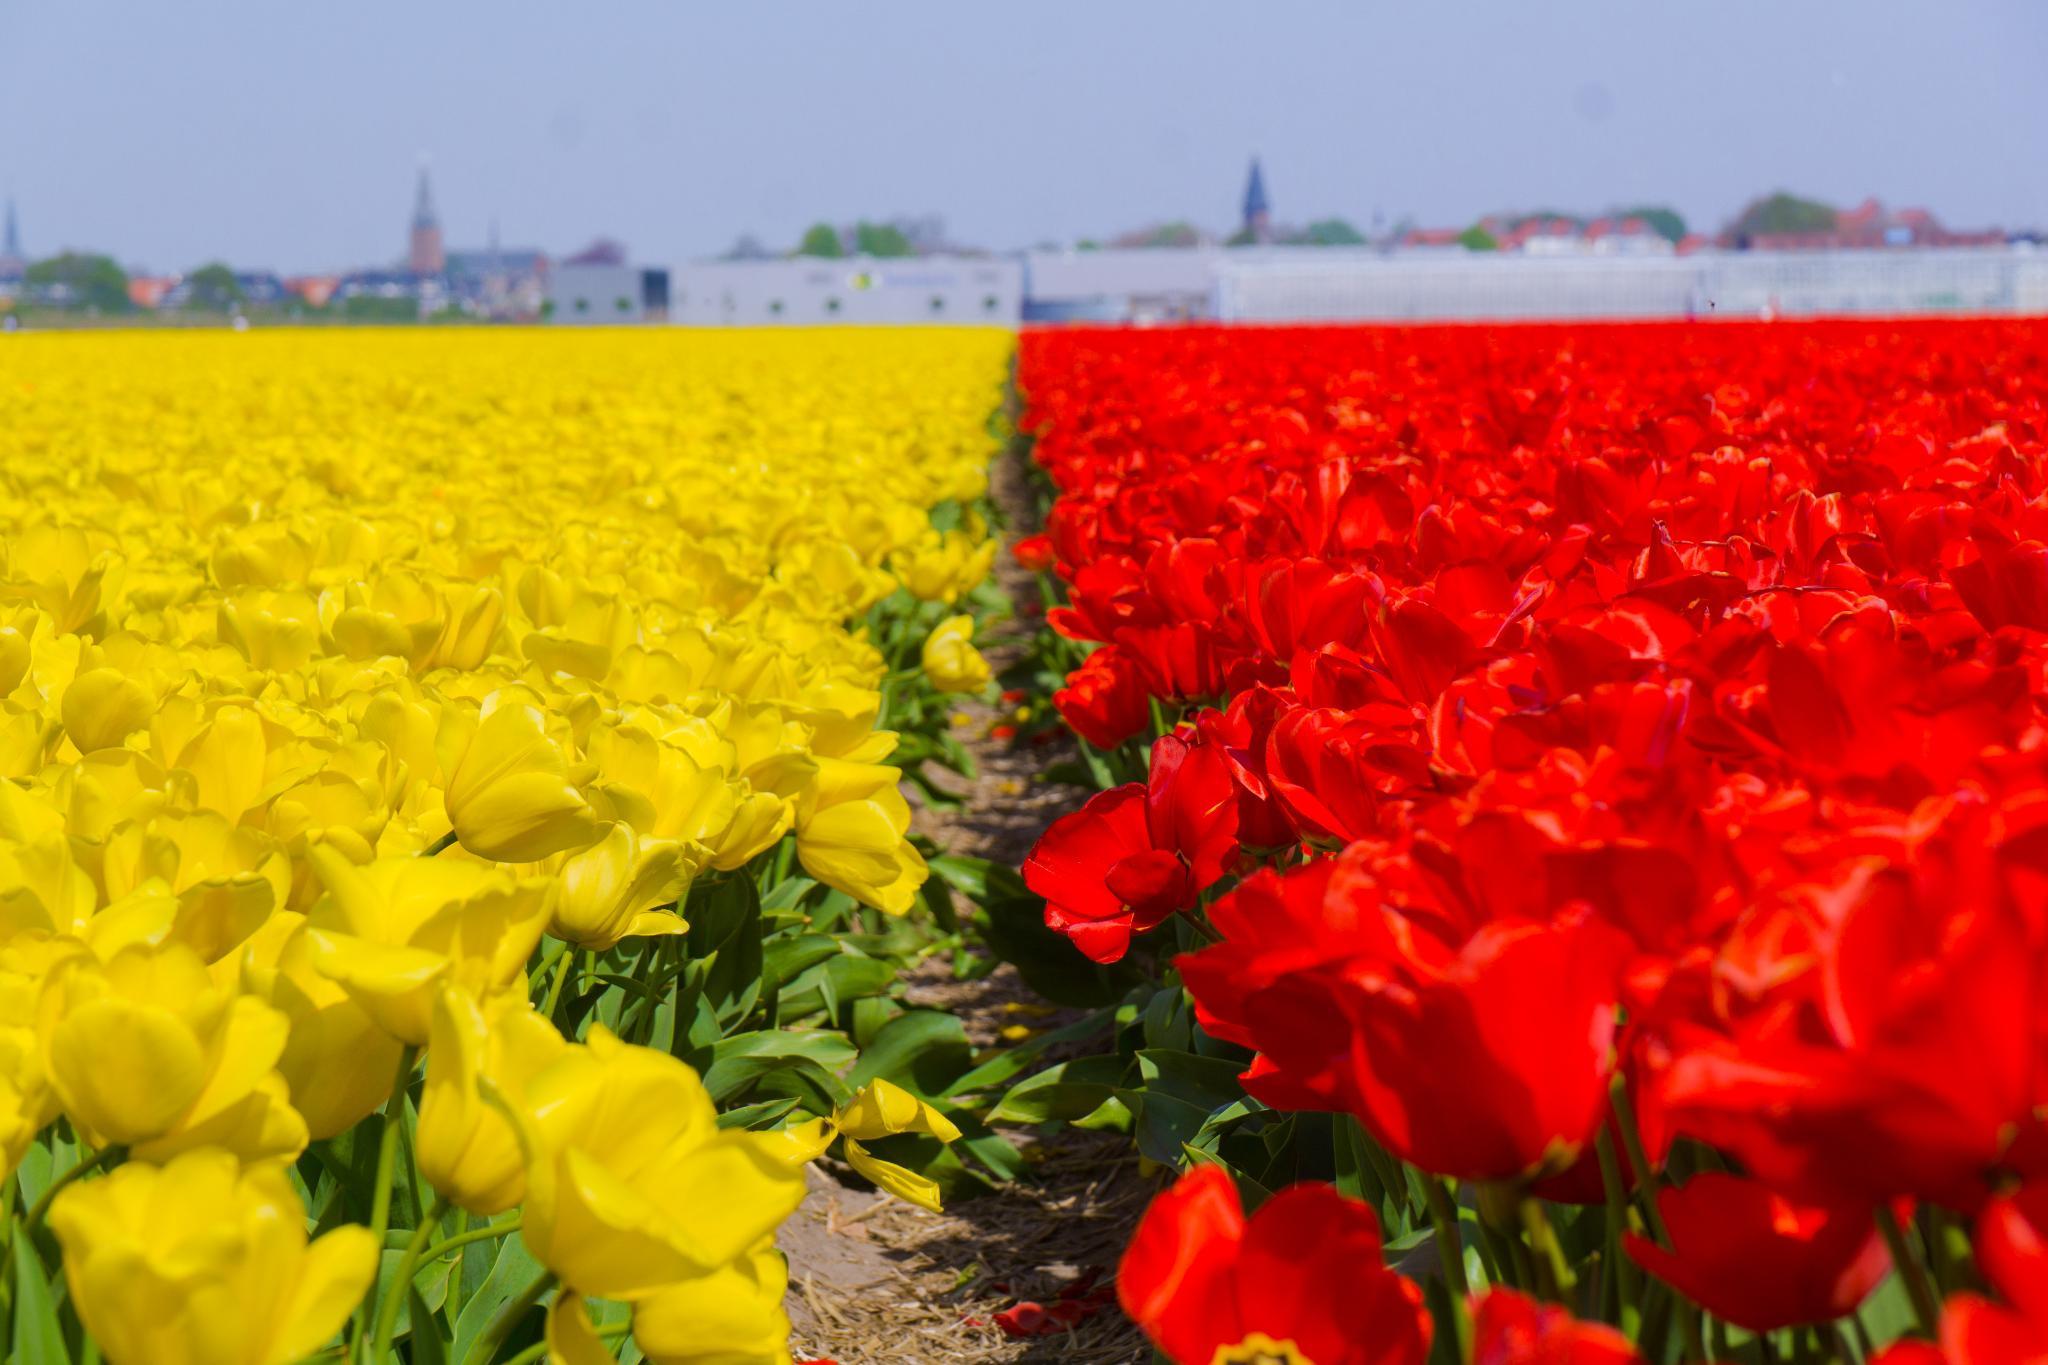 【荷蘭印象】花田嬉事:荷蘭單車花之路 41